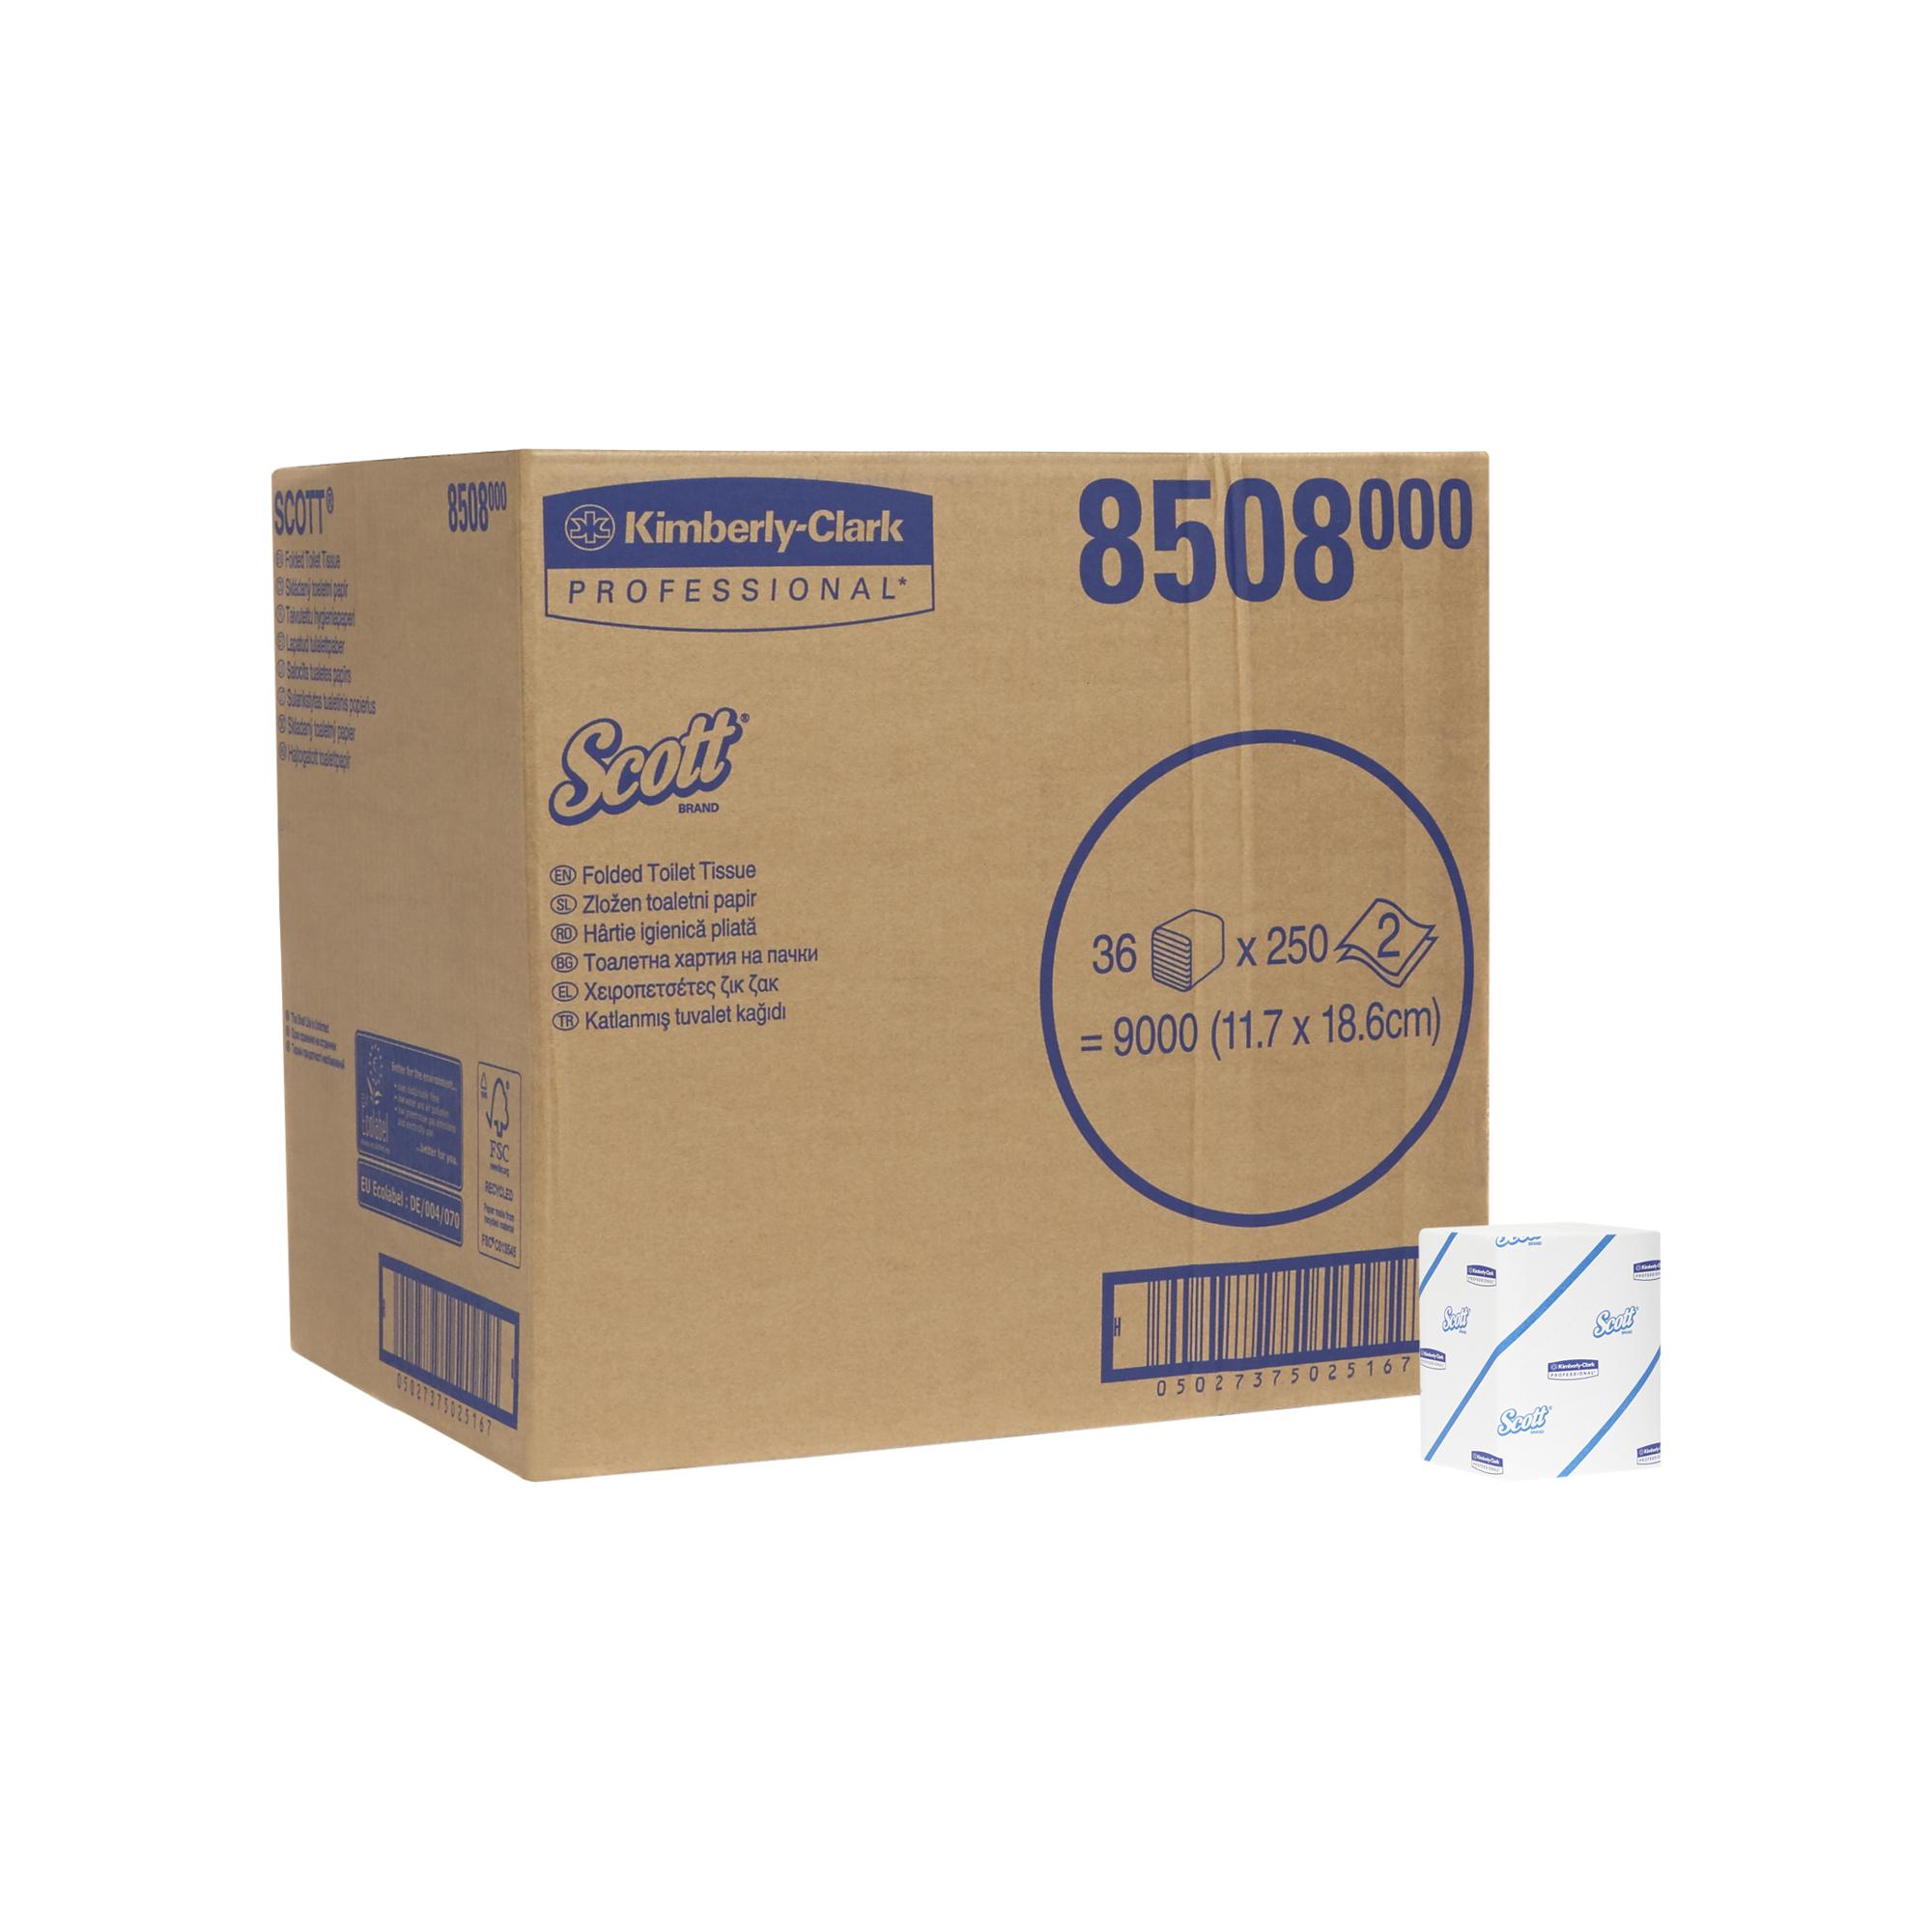 Toaletní papír SCOTT, skládaný, bílý, 2 vrstvy, 9000 ks, 36 x 250 ks